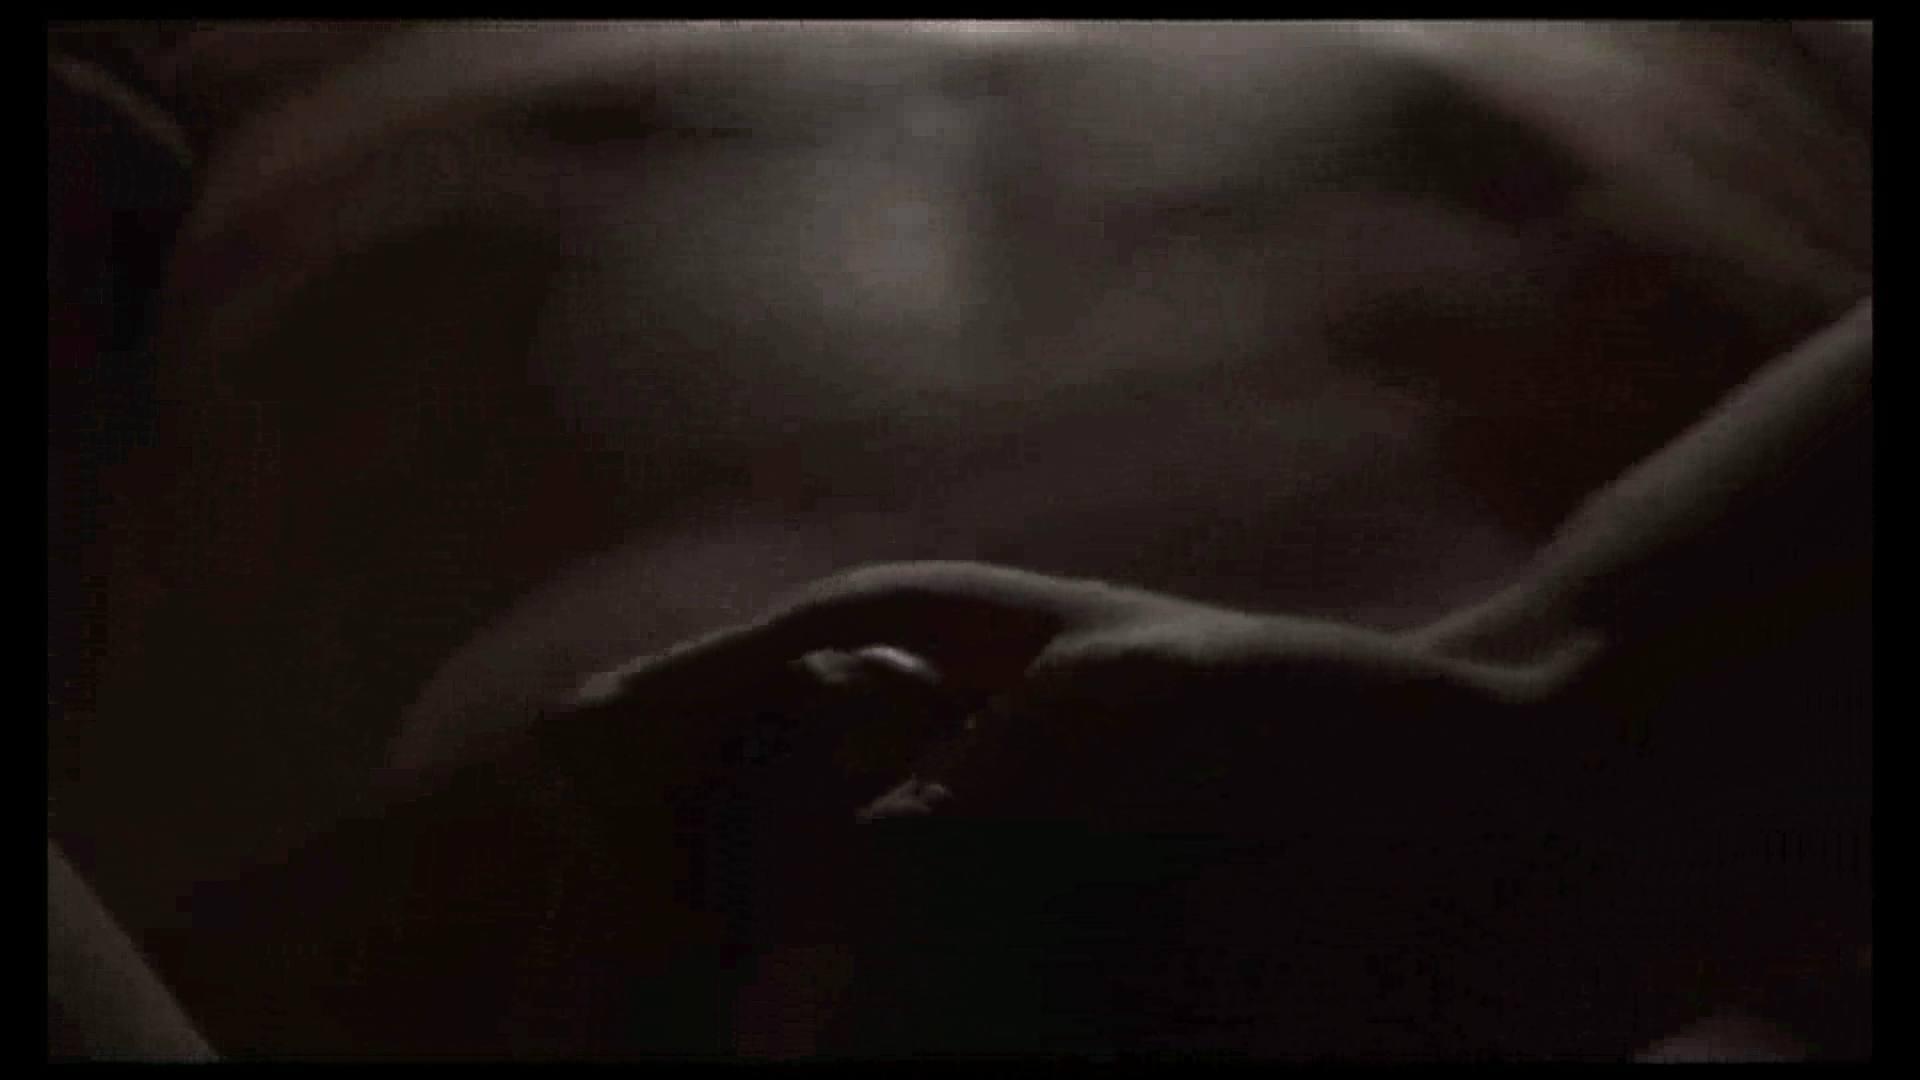 3P!肉体美!2名の美肉体男達とM美肉体男 肉食系メンズ ちんぽ画像 14画像 7